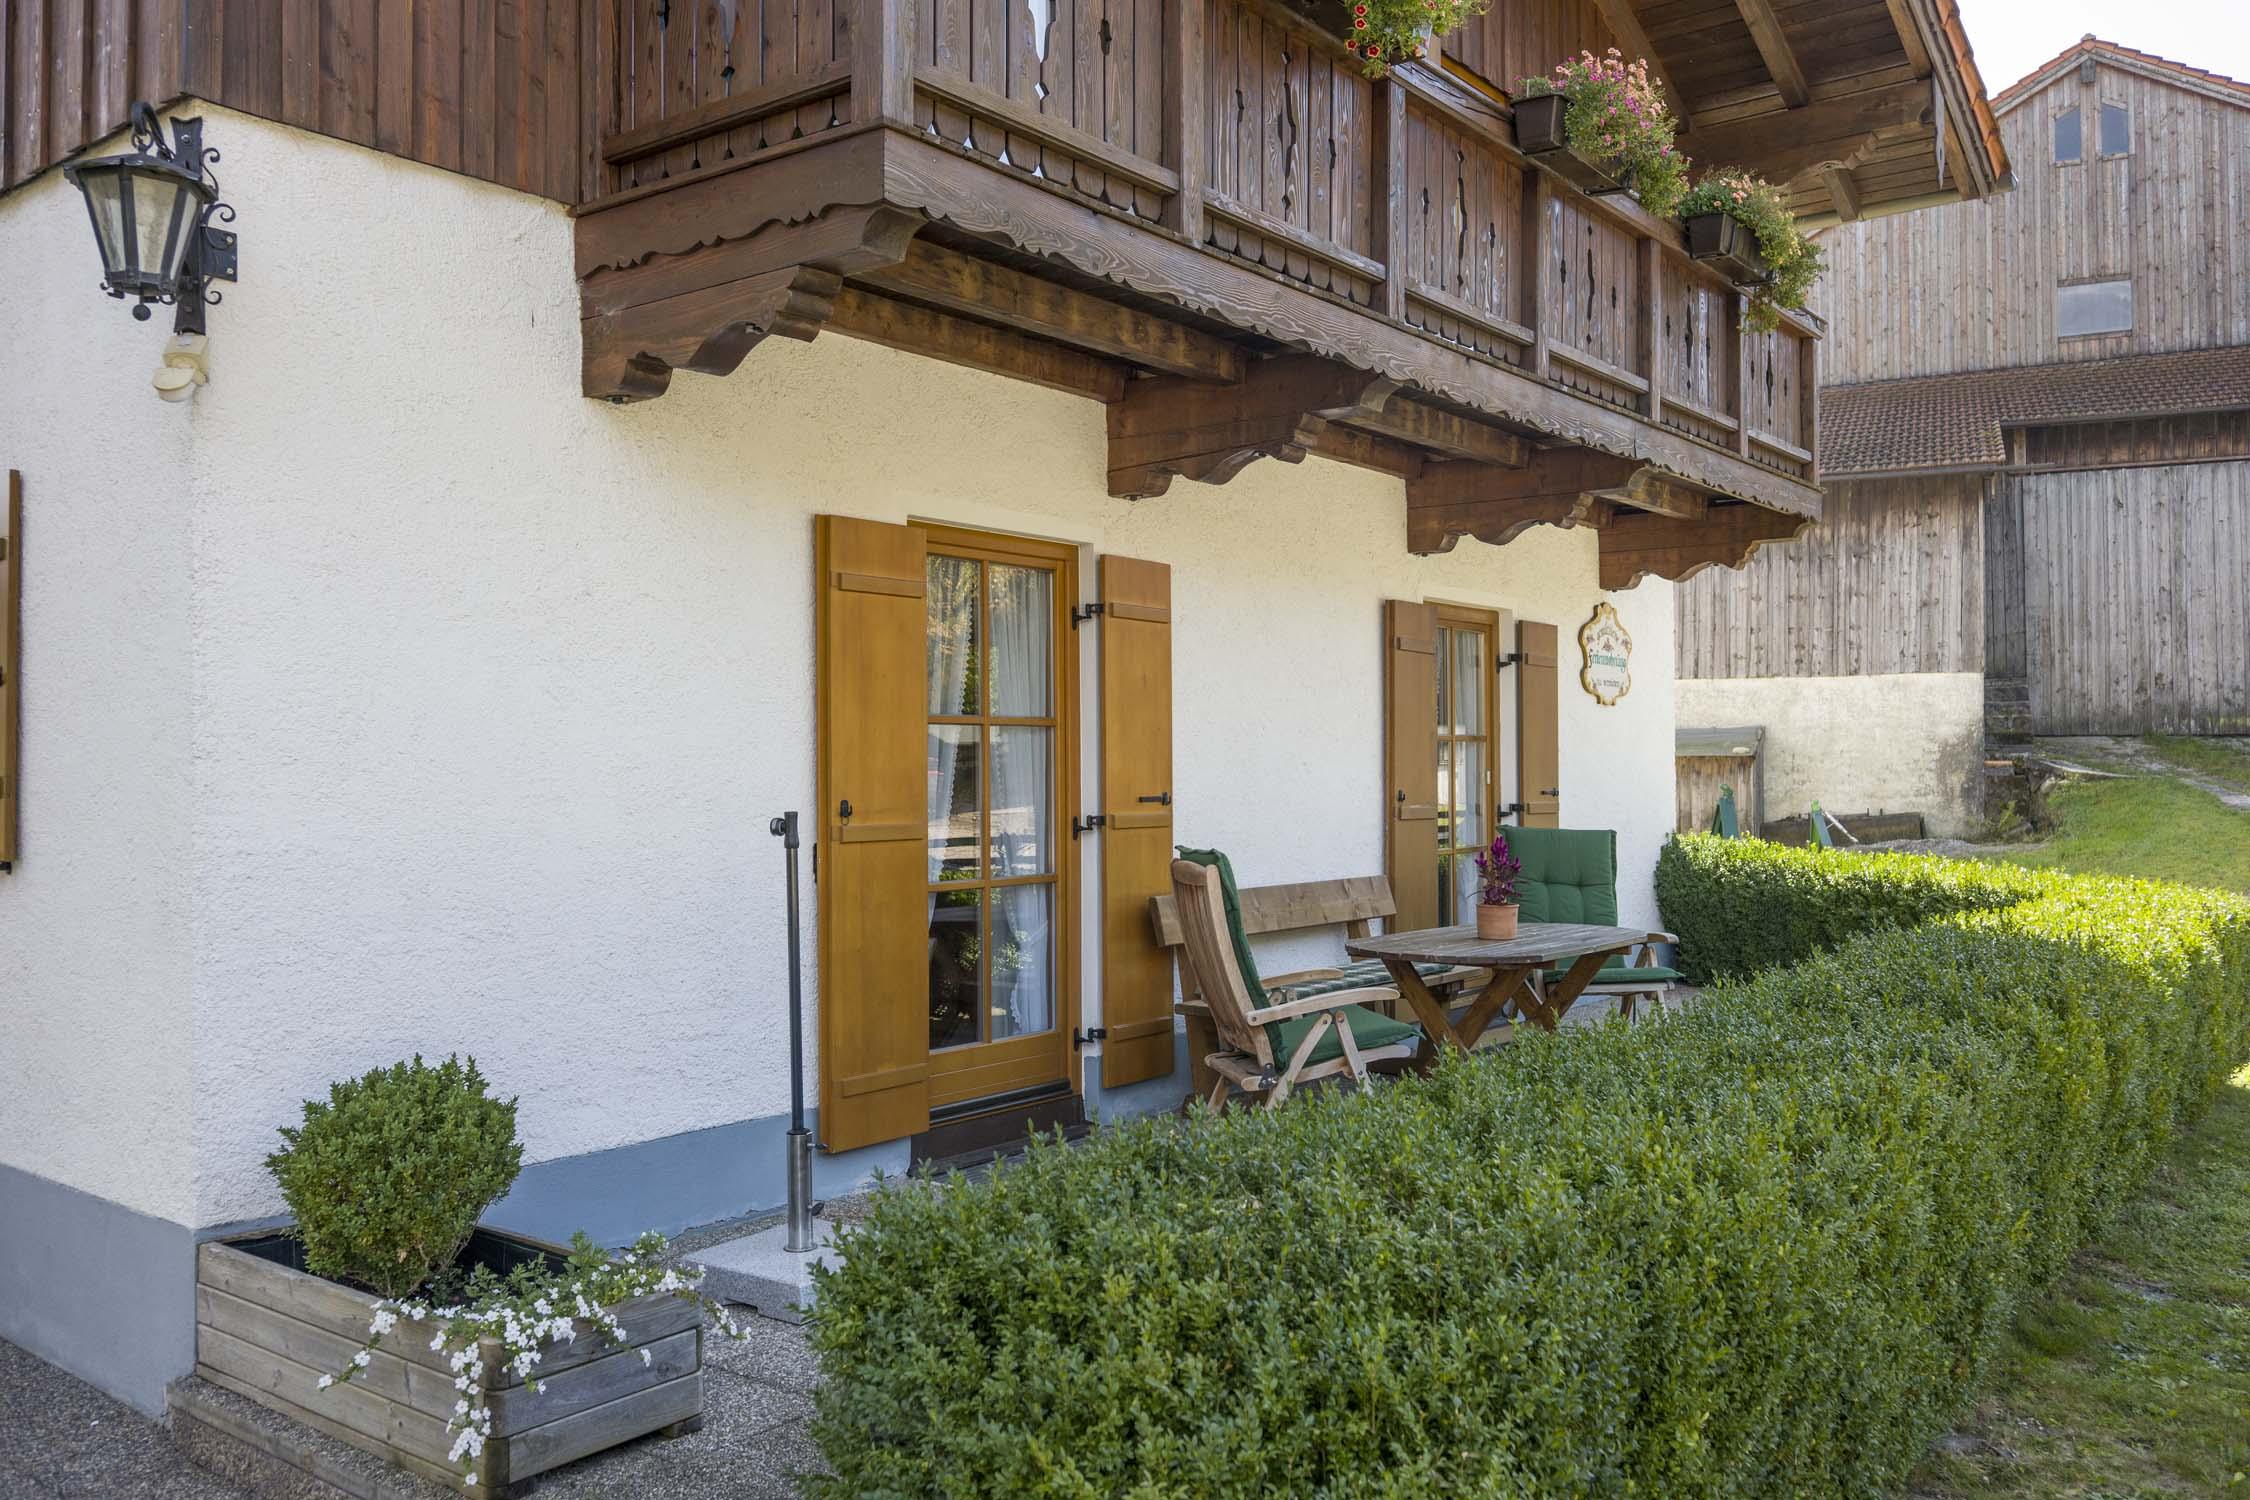 Ferienwohnung Christophenhof (DE Oberaudorf). 3-Zimmer Ferienwohnung Terrasse 1 (710004), Oberaudorf, Chiemgau, Bayern, Deutschland, Bild 2